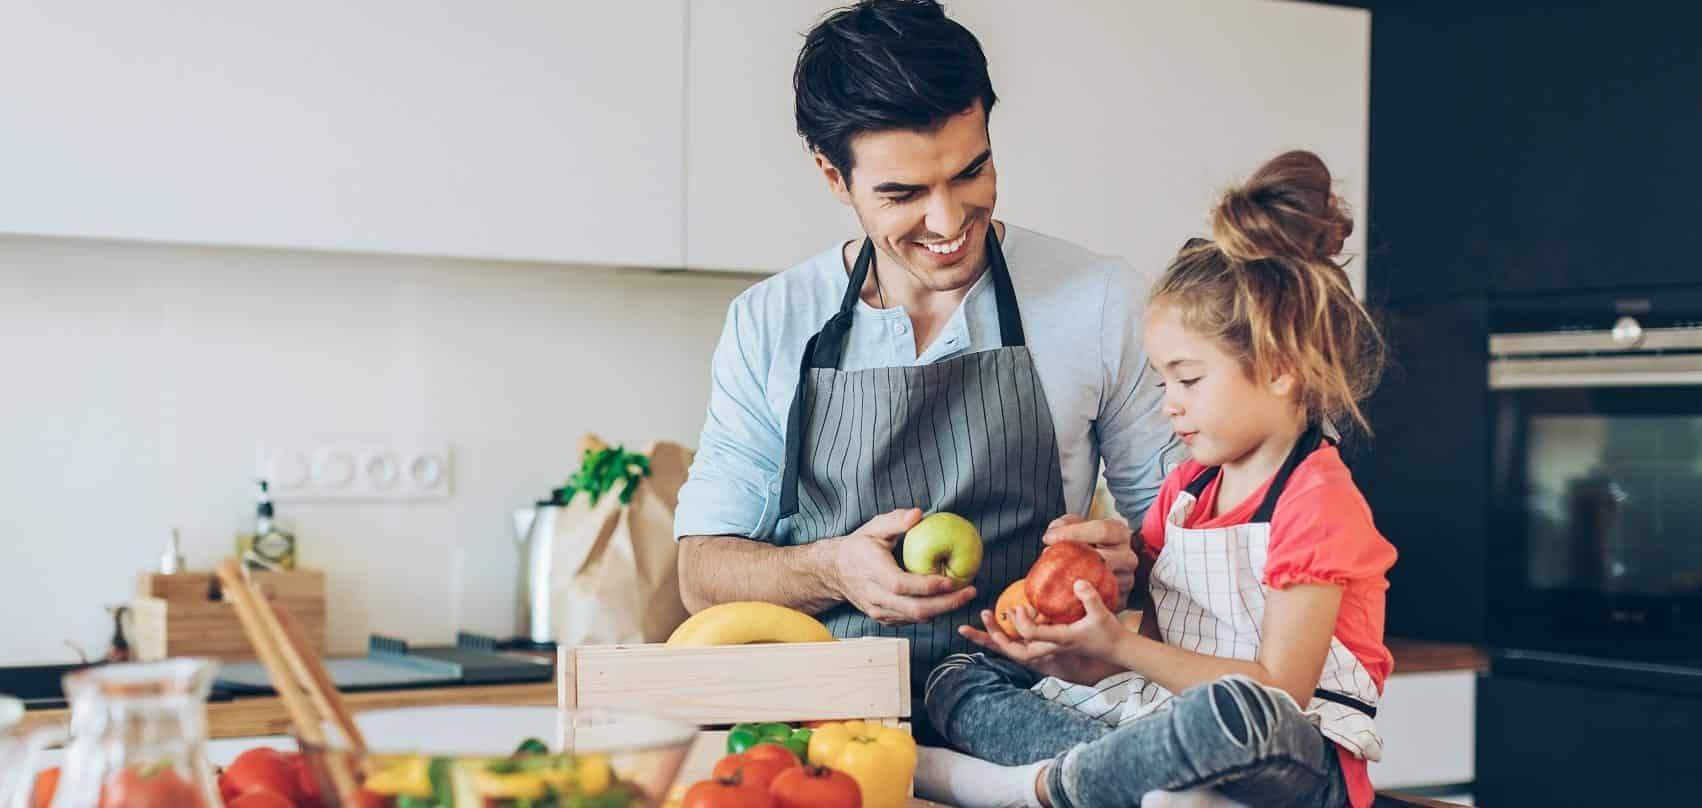 helpen om gezonder te eten, gezond eten, gezond koken, bewegen is gezond